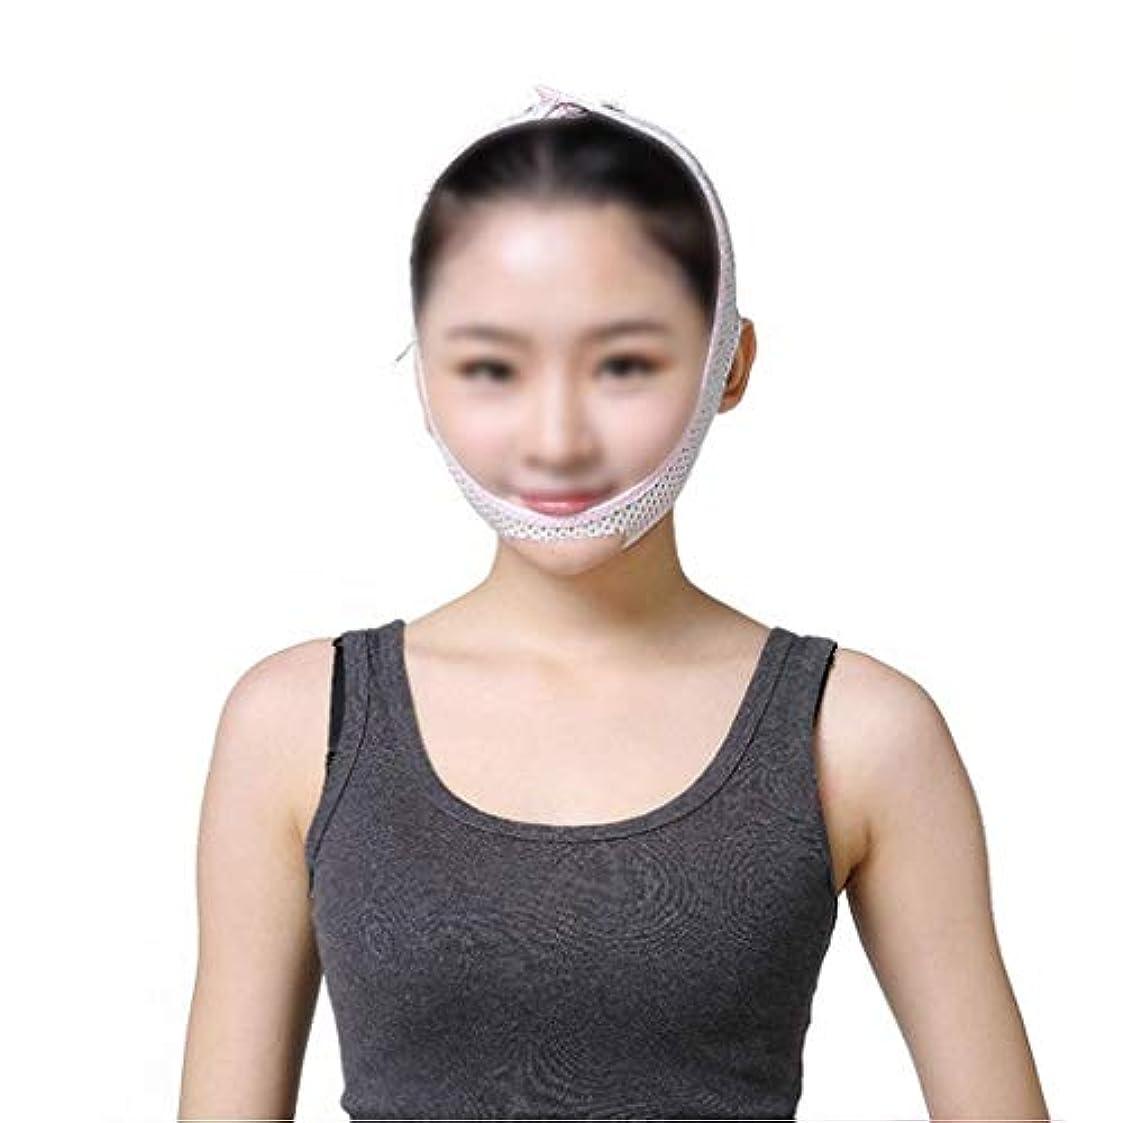 ずらす感謝しているモンゴメリーフェイスリフティングマスク、快適で リフティングスキンファーミングスリープシンフェイスアーティファクトアンチリンクル/リムーブダブルチン/術後回復マスク(サイズ:M)